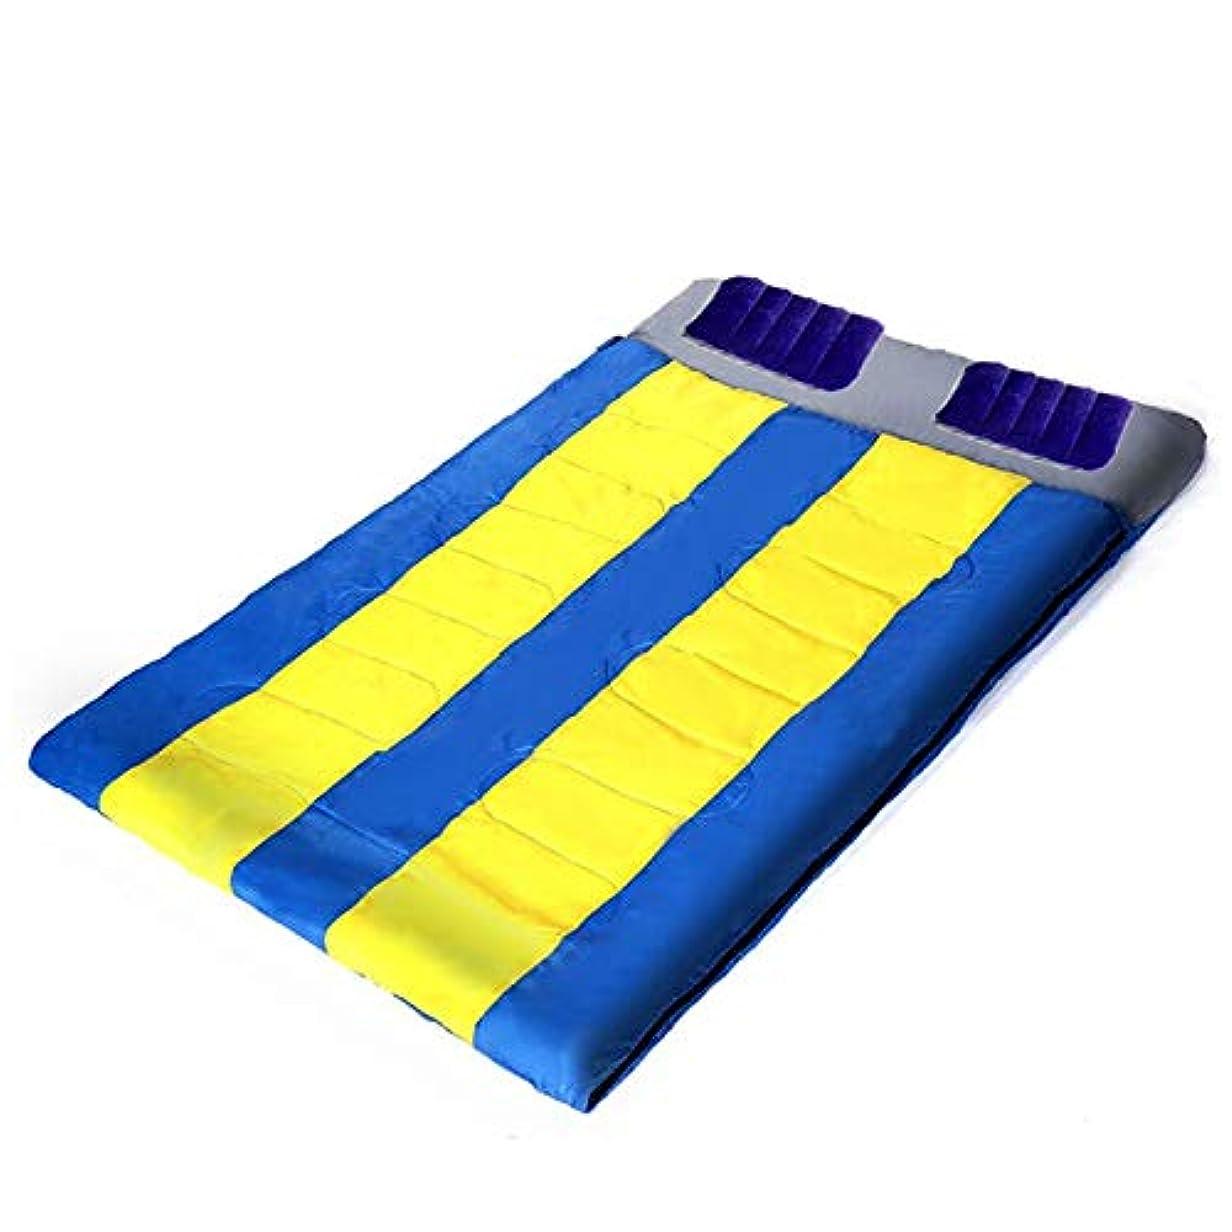 火曜日気をつけて攻撃Fenka (フェンカ) 2人用 寝袋 封筒型 シュラフ 分割使用可能 エアー枕 おまけつき